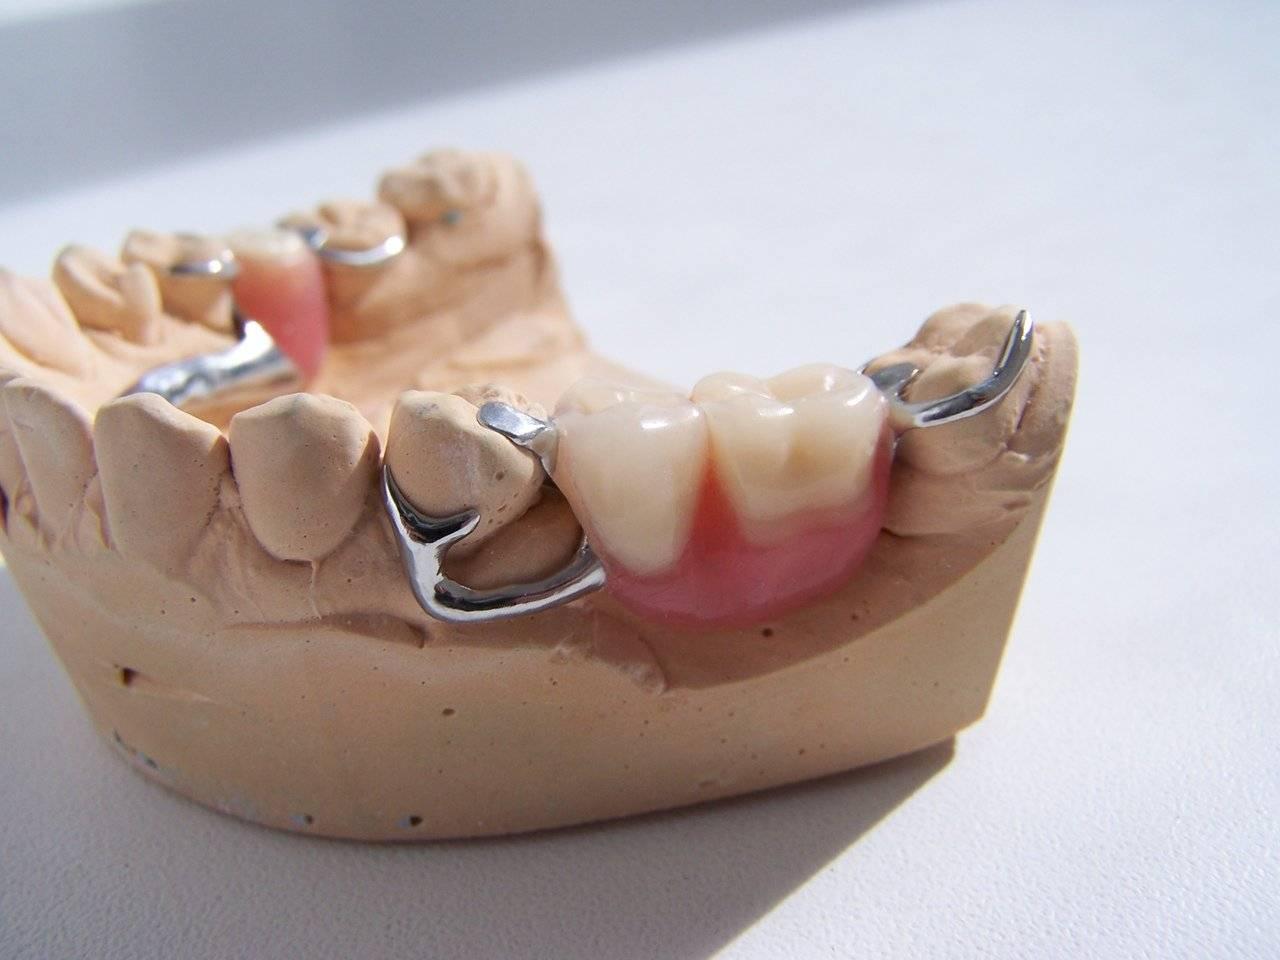 Кламмеры в ортодонтии: классификация и особенности некоторых видов – адамса, роуча, джексона и других